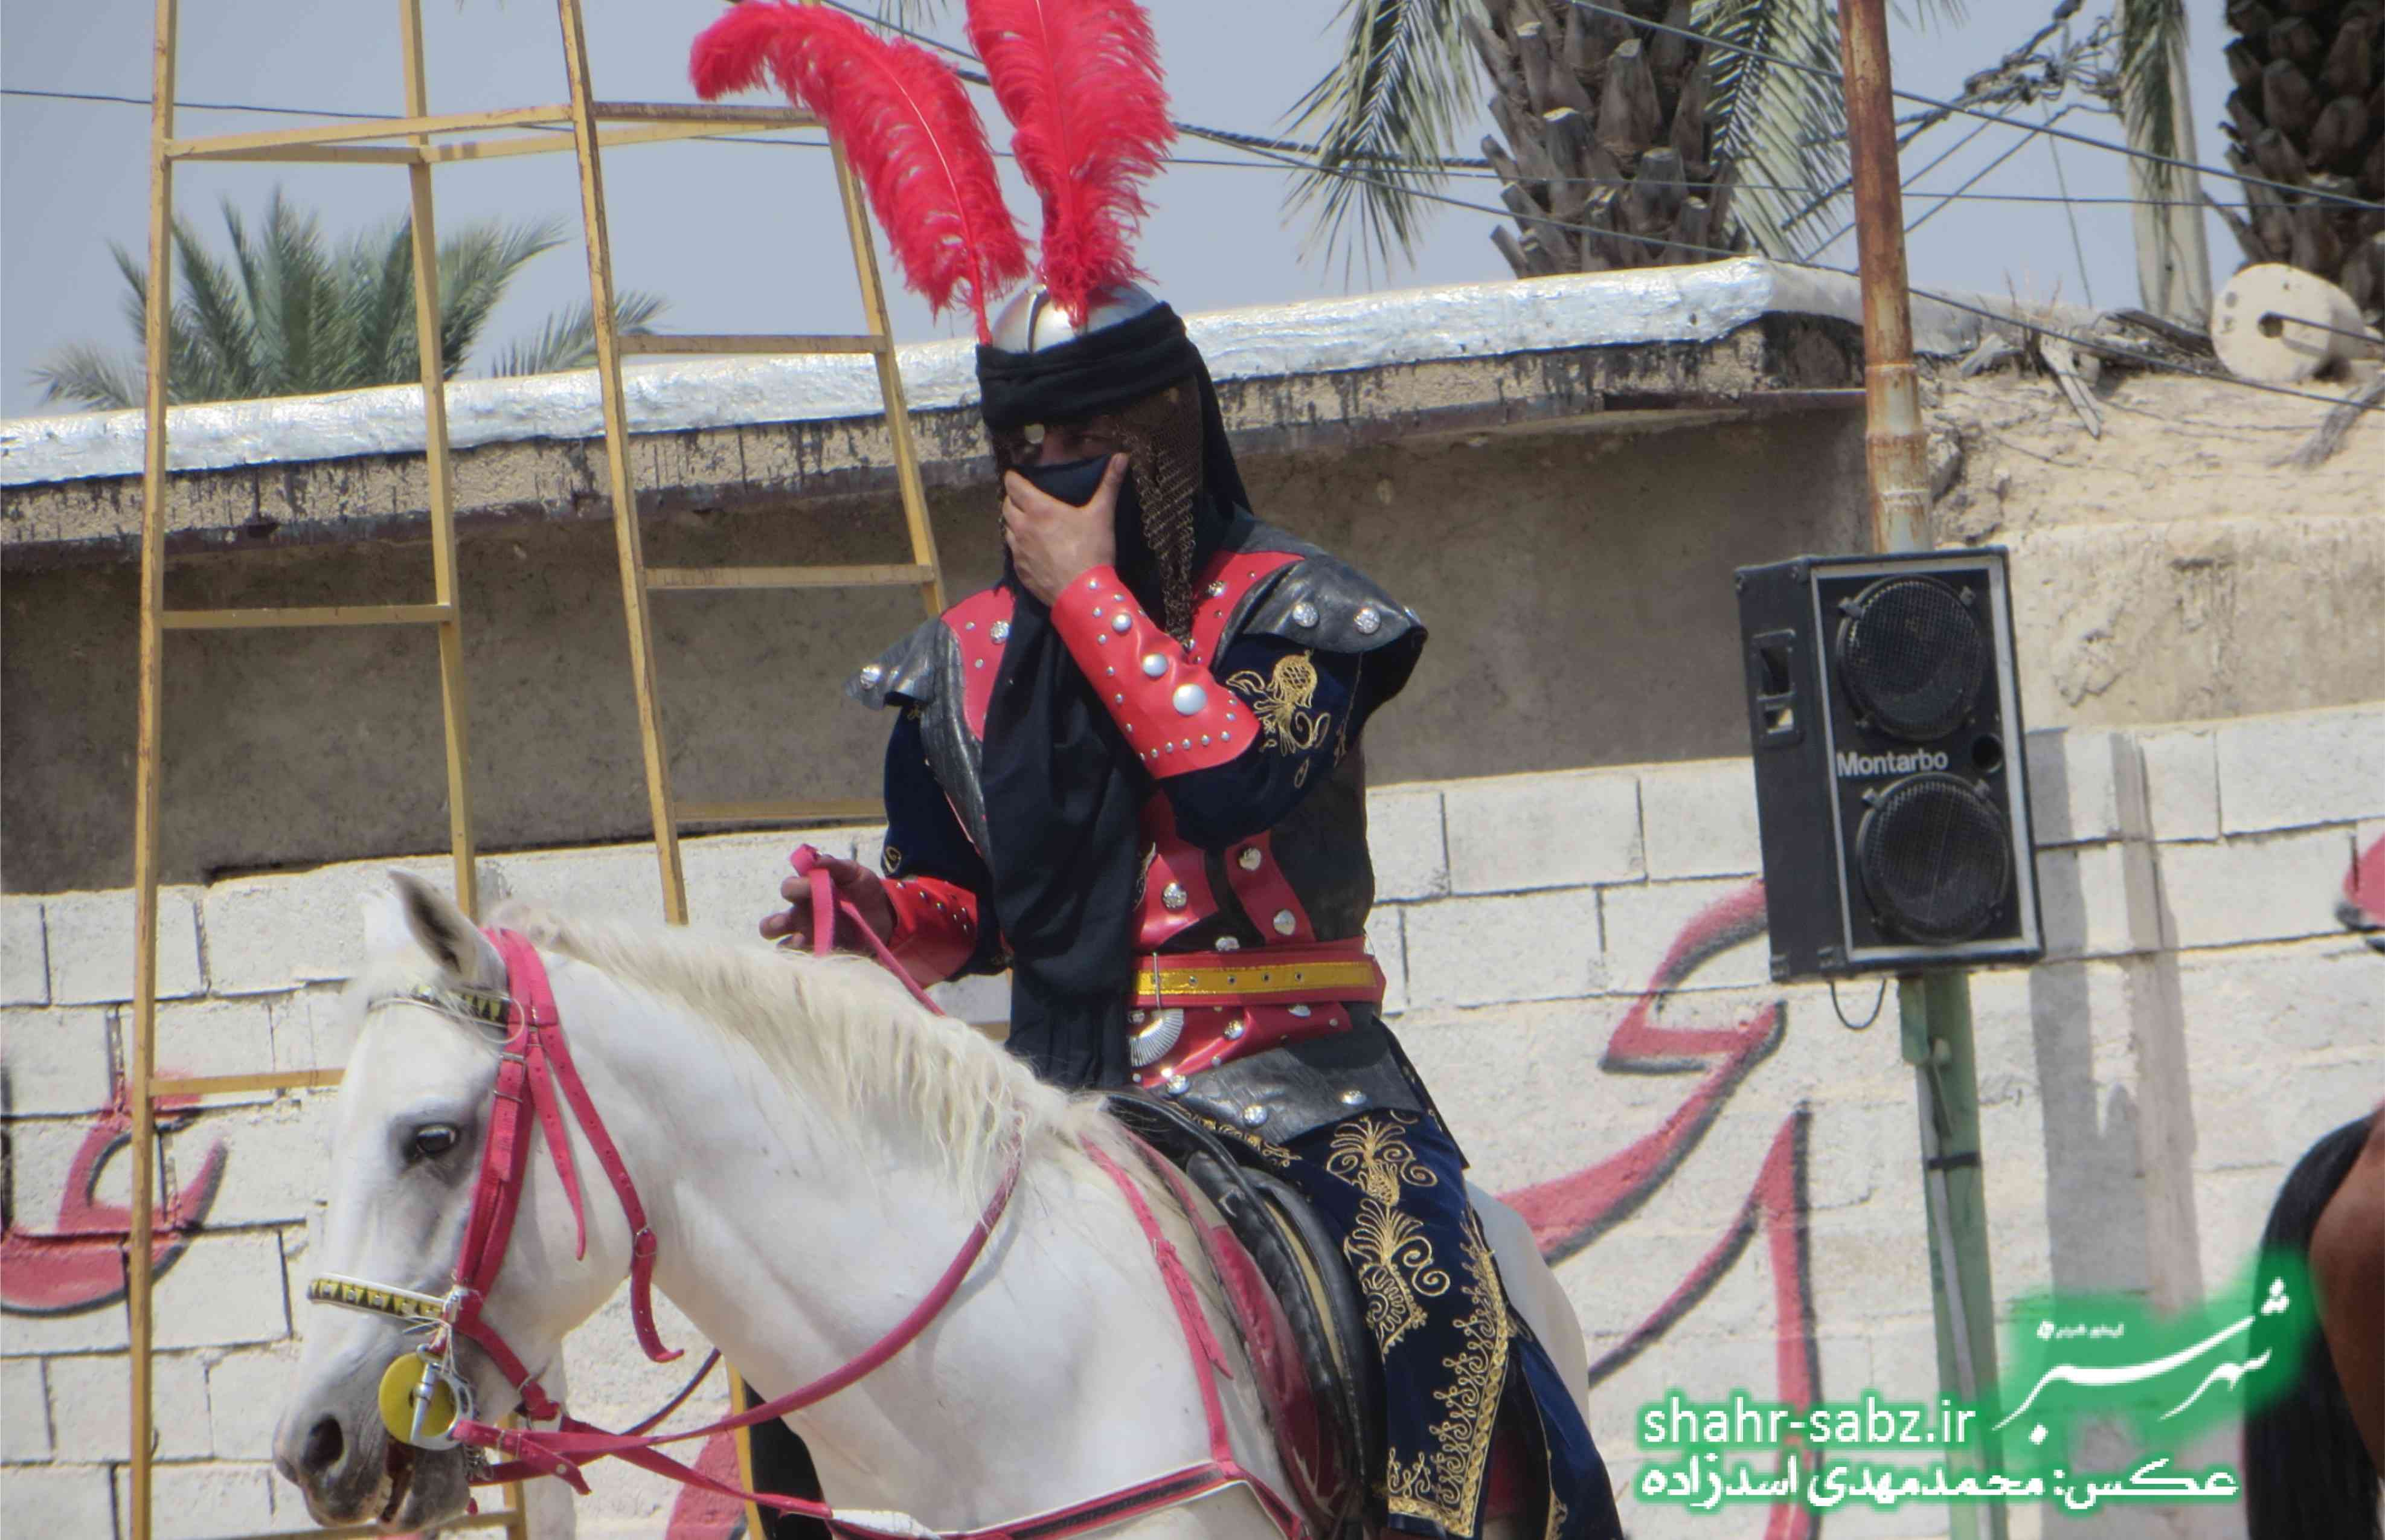 29-06-1397 تعزیه روز عاشورا در روستای دریس کازرون -عکس: محمدمهدی اسدزاده